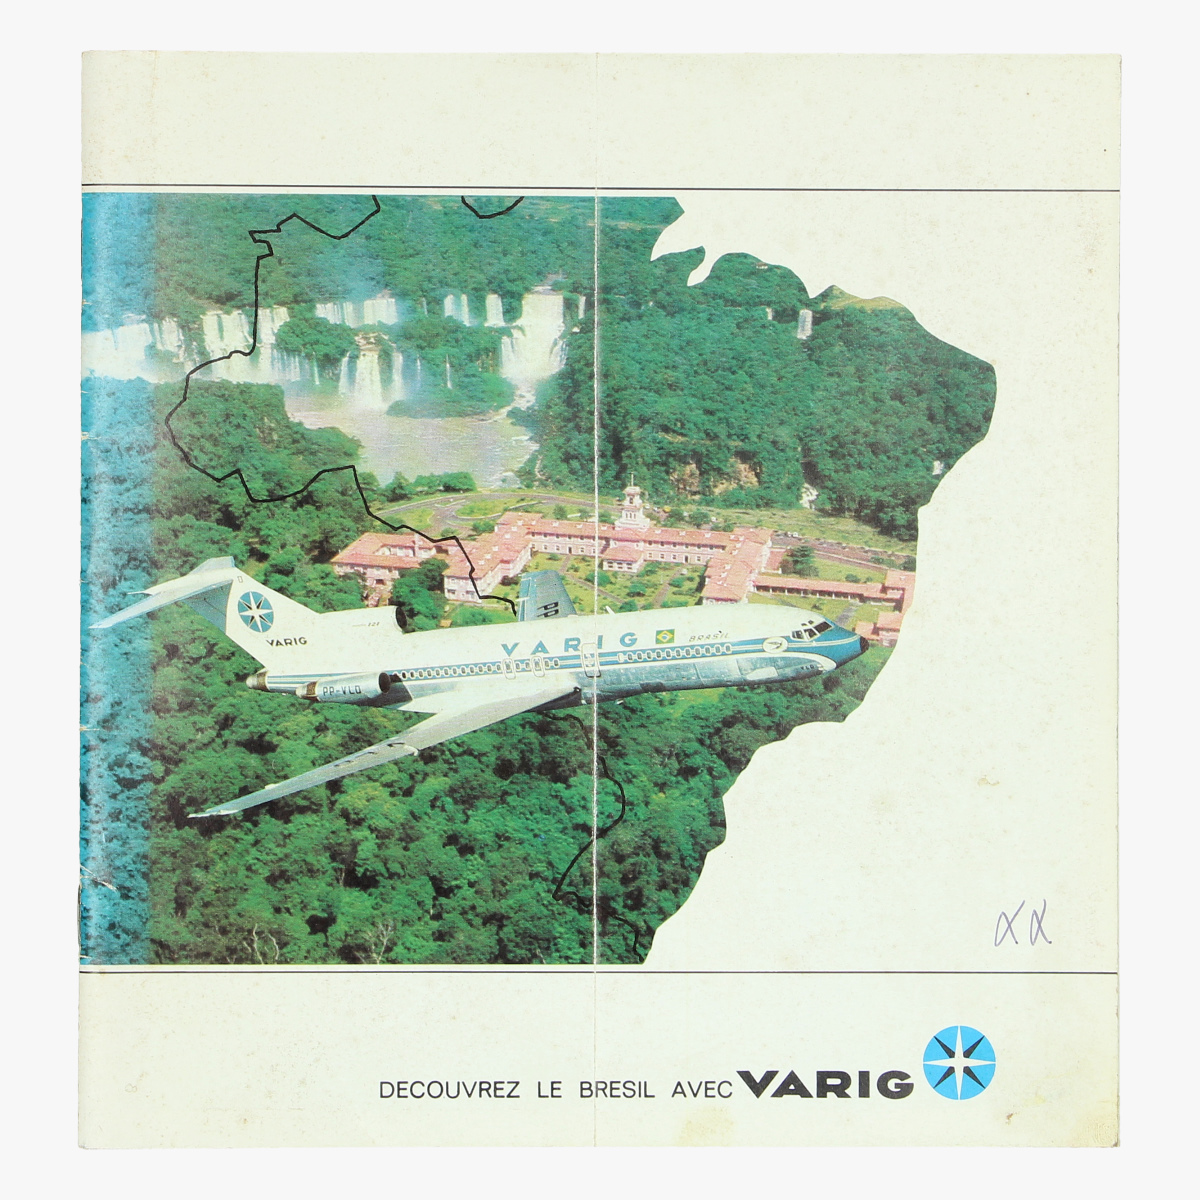 Afbeeldingen van boekje decouvre le bresil avec varig lignes aeriennes brésiliennes